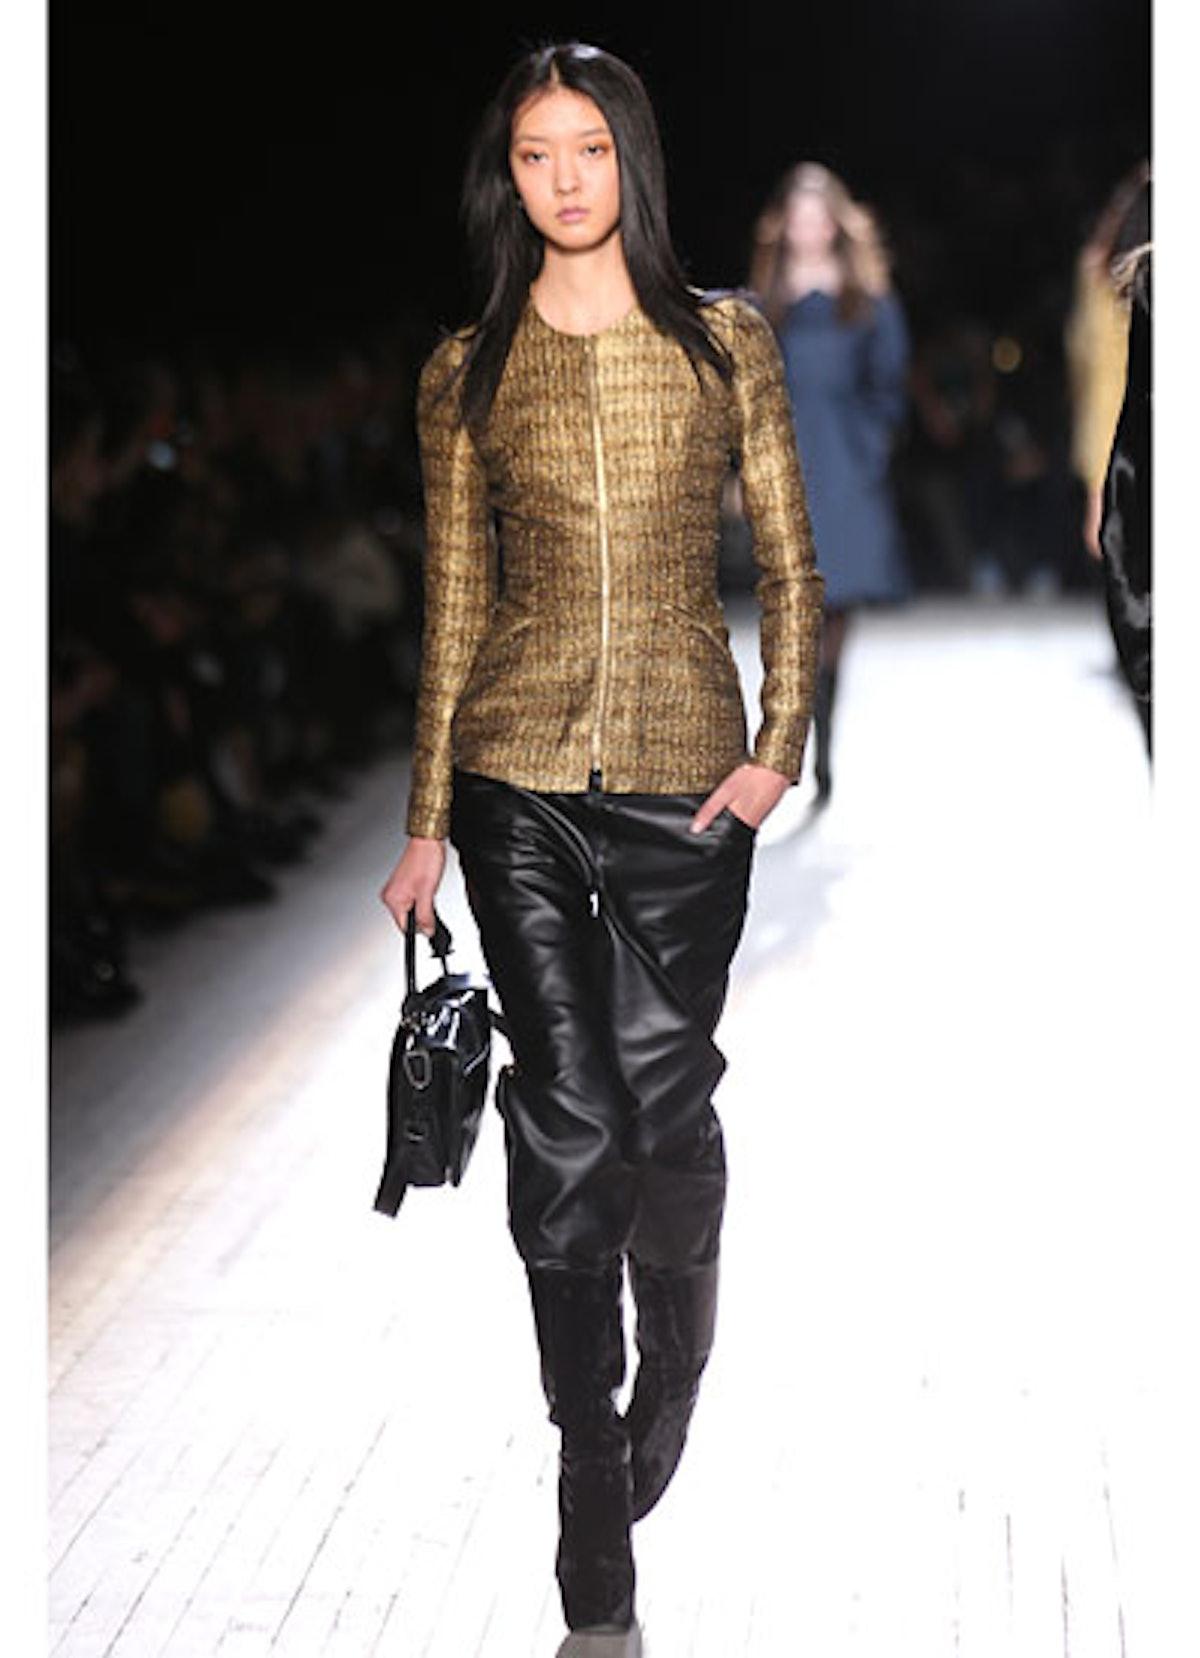 fass-fall-2012-fashion-roundup-14-v.jpg